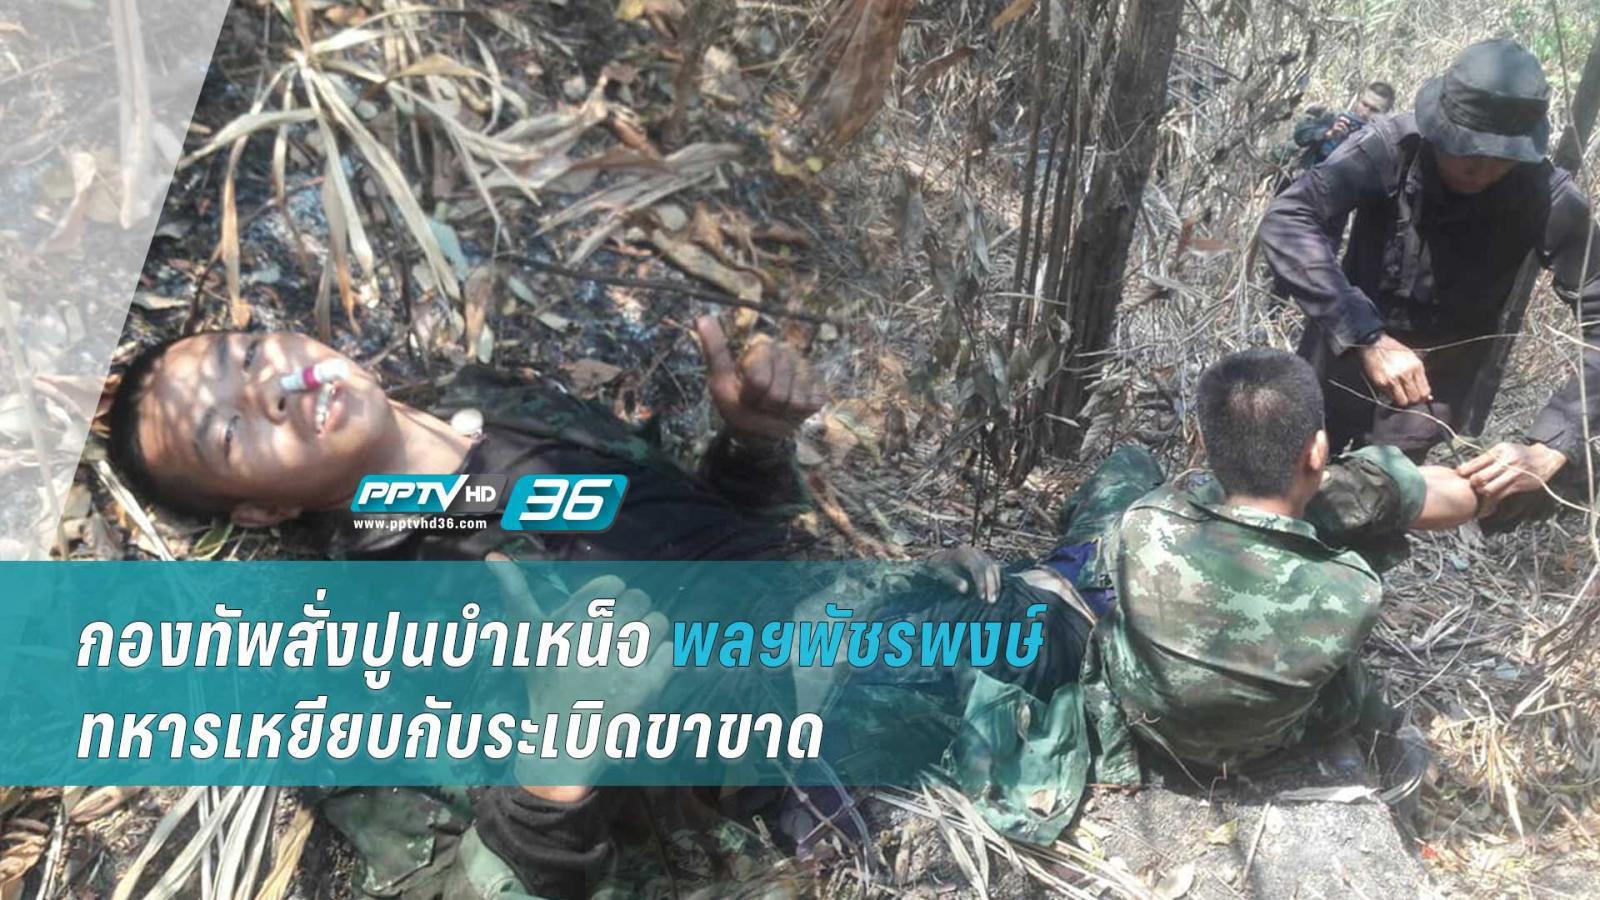 กองทัพสั่งปูนบำเหน็จ พลฯพัชรพงษ์ ทหารเหยียบกับระเบิดขาขาด